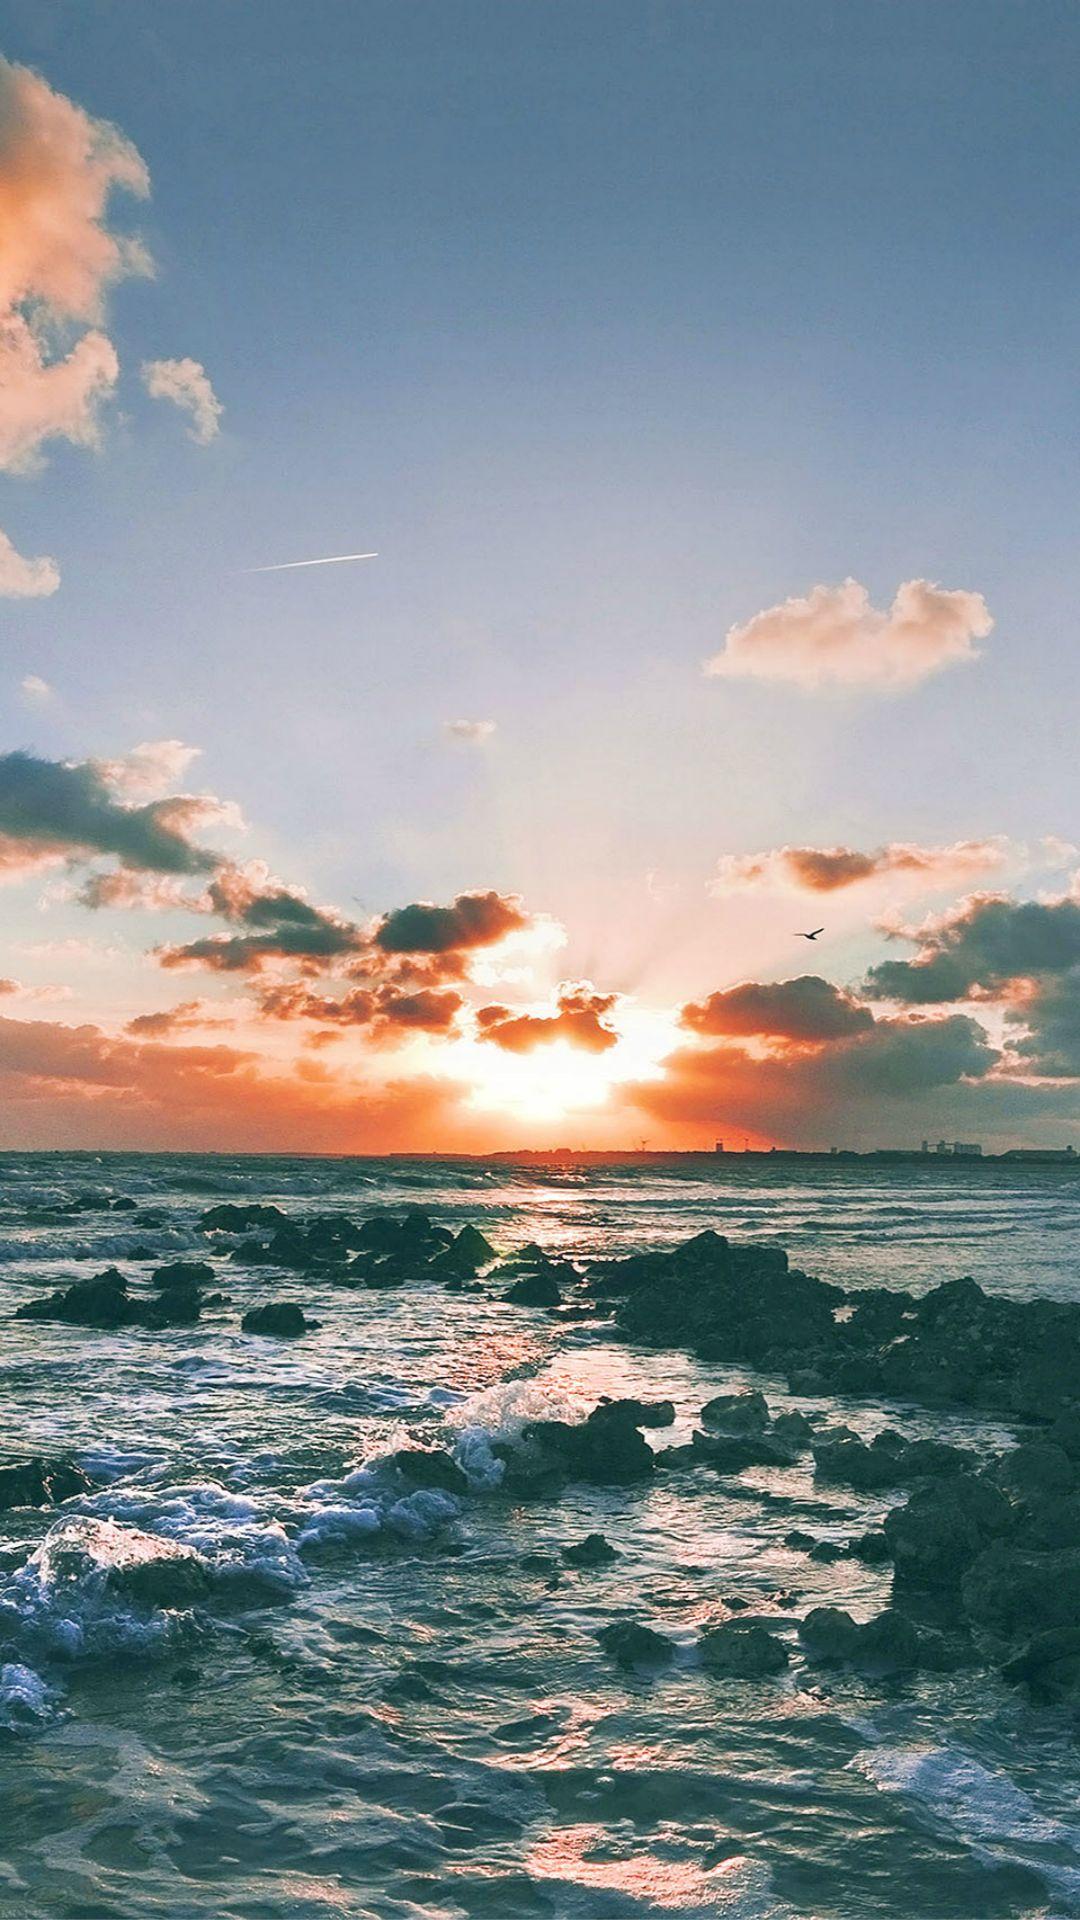 Nature Ocean Sunset Landscape Iphone 6 Wallpaper Download Iphone Wallpapers Ipad Wallpapers One Stop Down Retina Wallpaper Summer Wallpaper Sunset Wallpaper